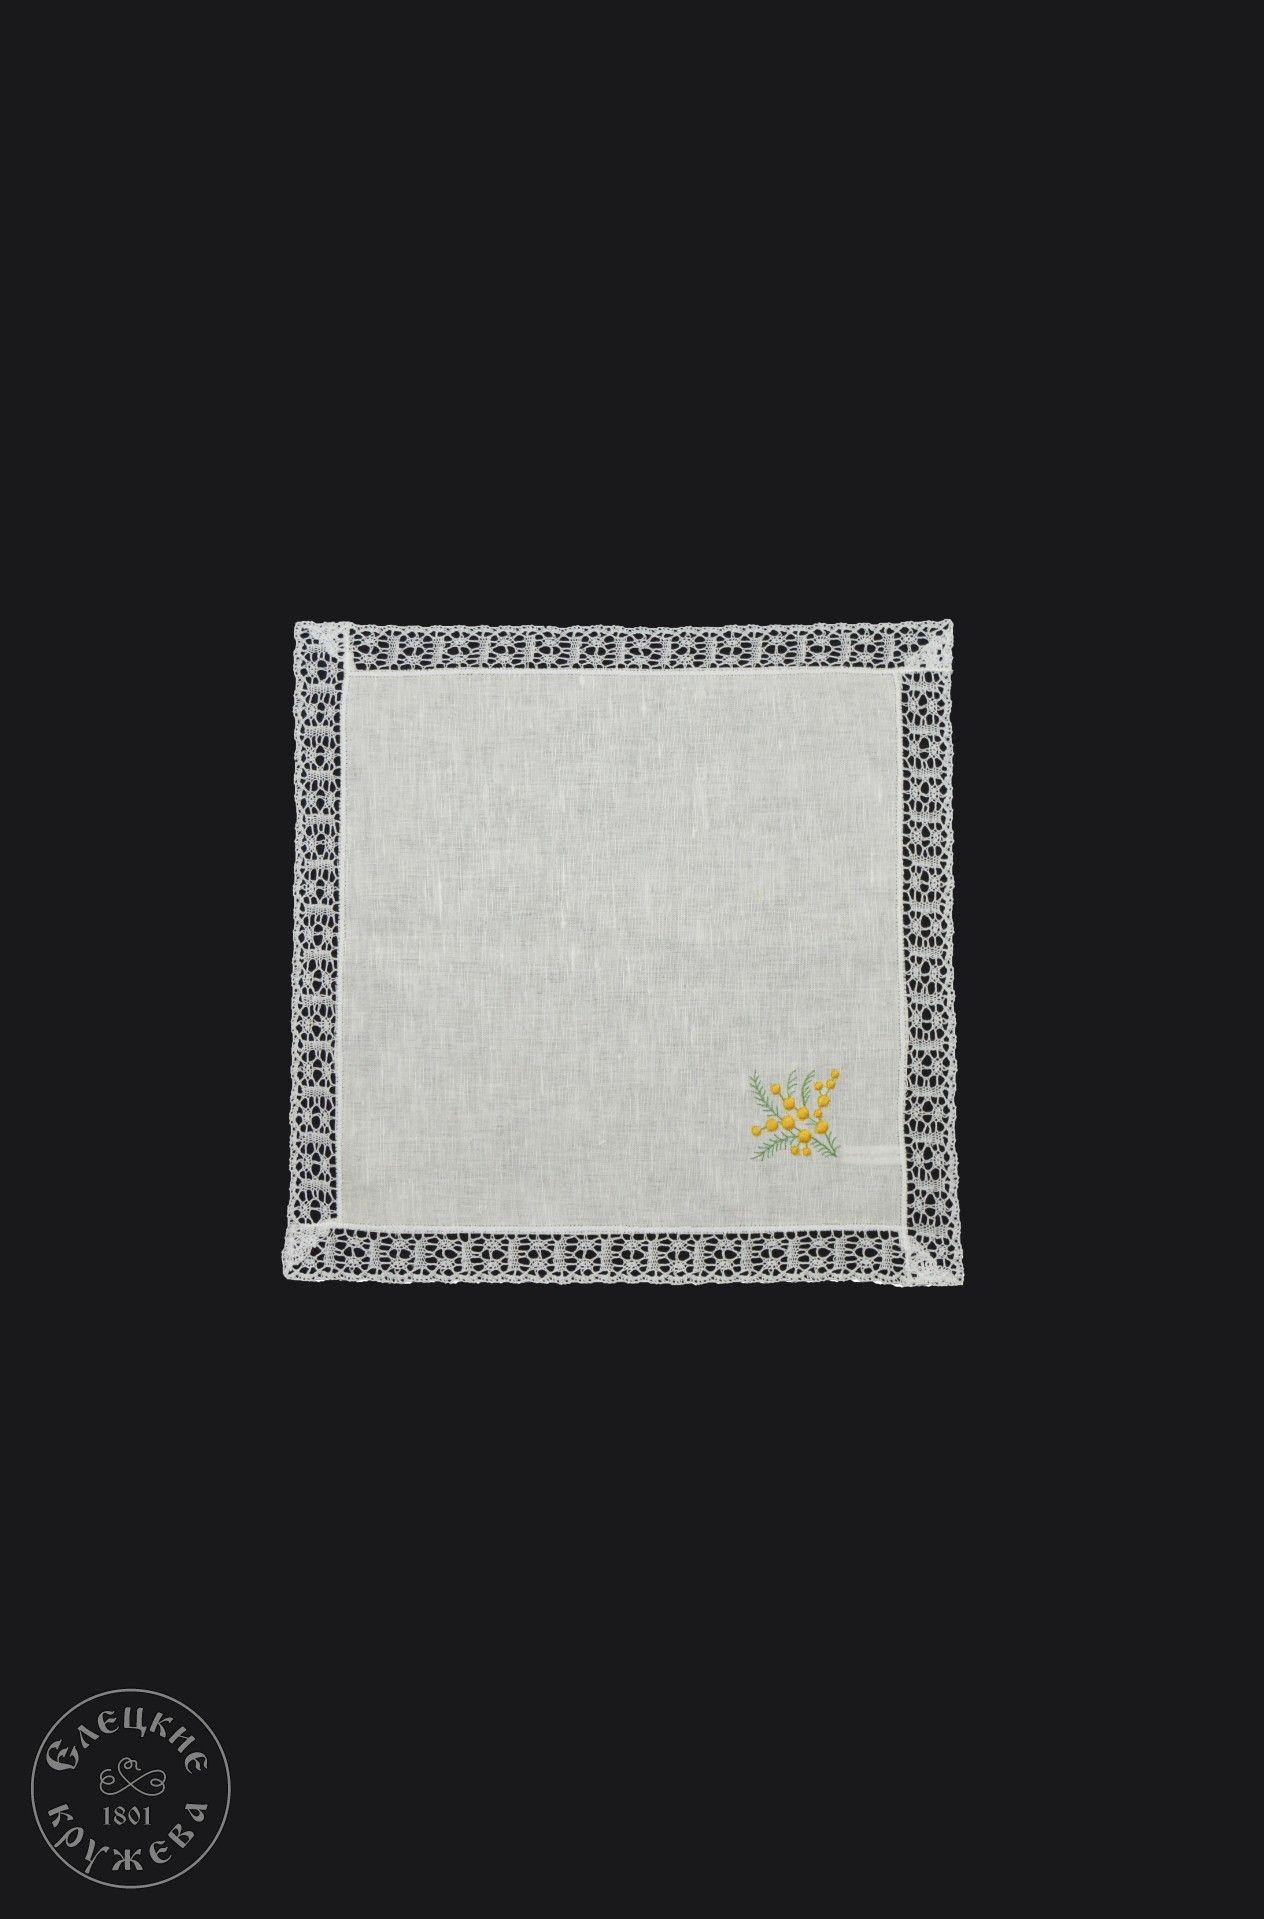 Yelets lace / Linen napkin С2142Ts